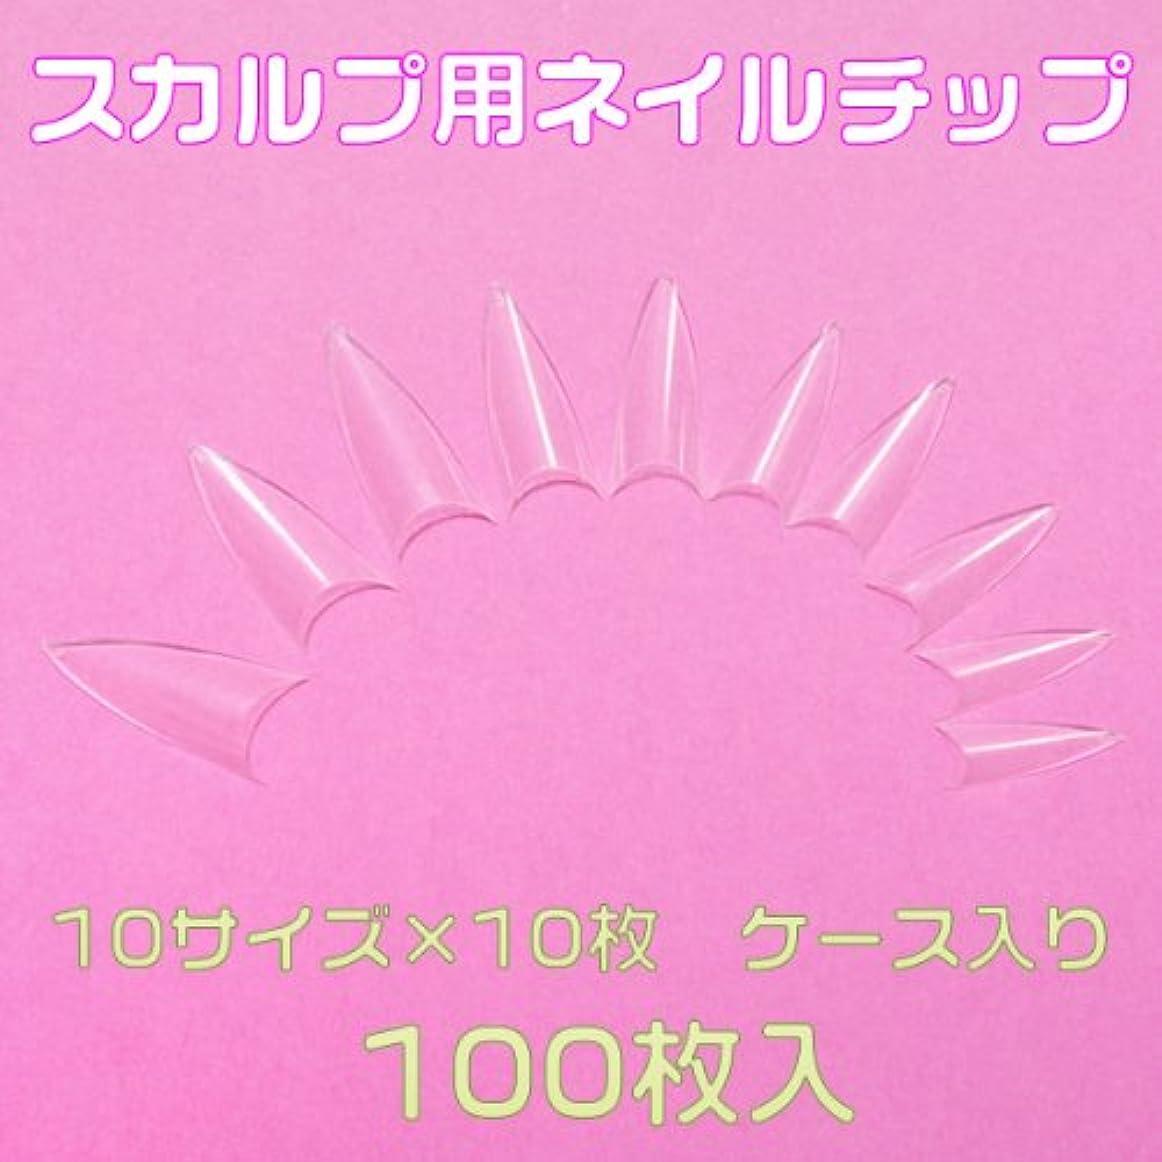 振り返るスペル明日シャープポイント 先端が尖ったネイルチップ10サイズ100枚 クリア ケース入[#c5]とんがりネイルチップ